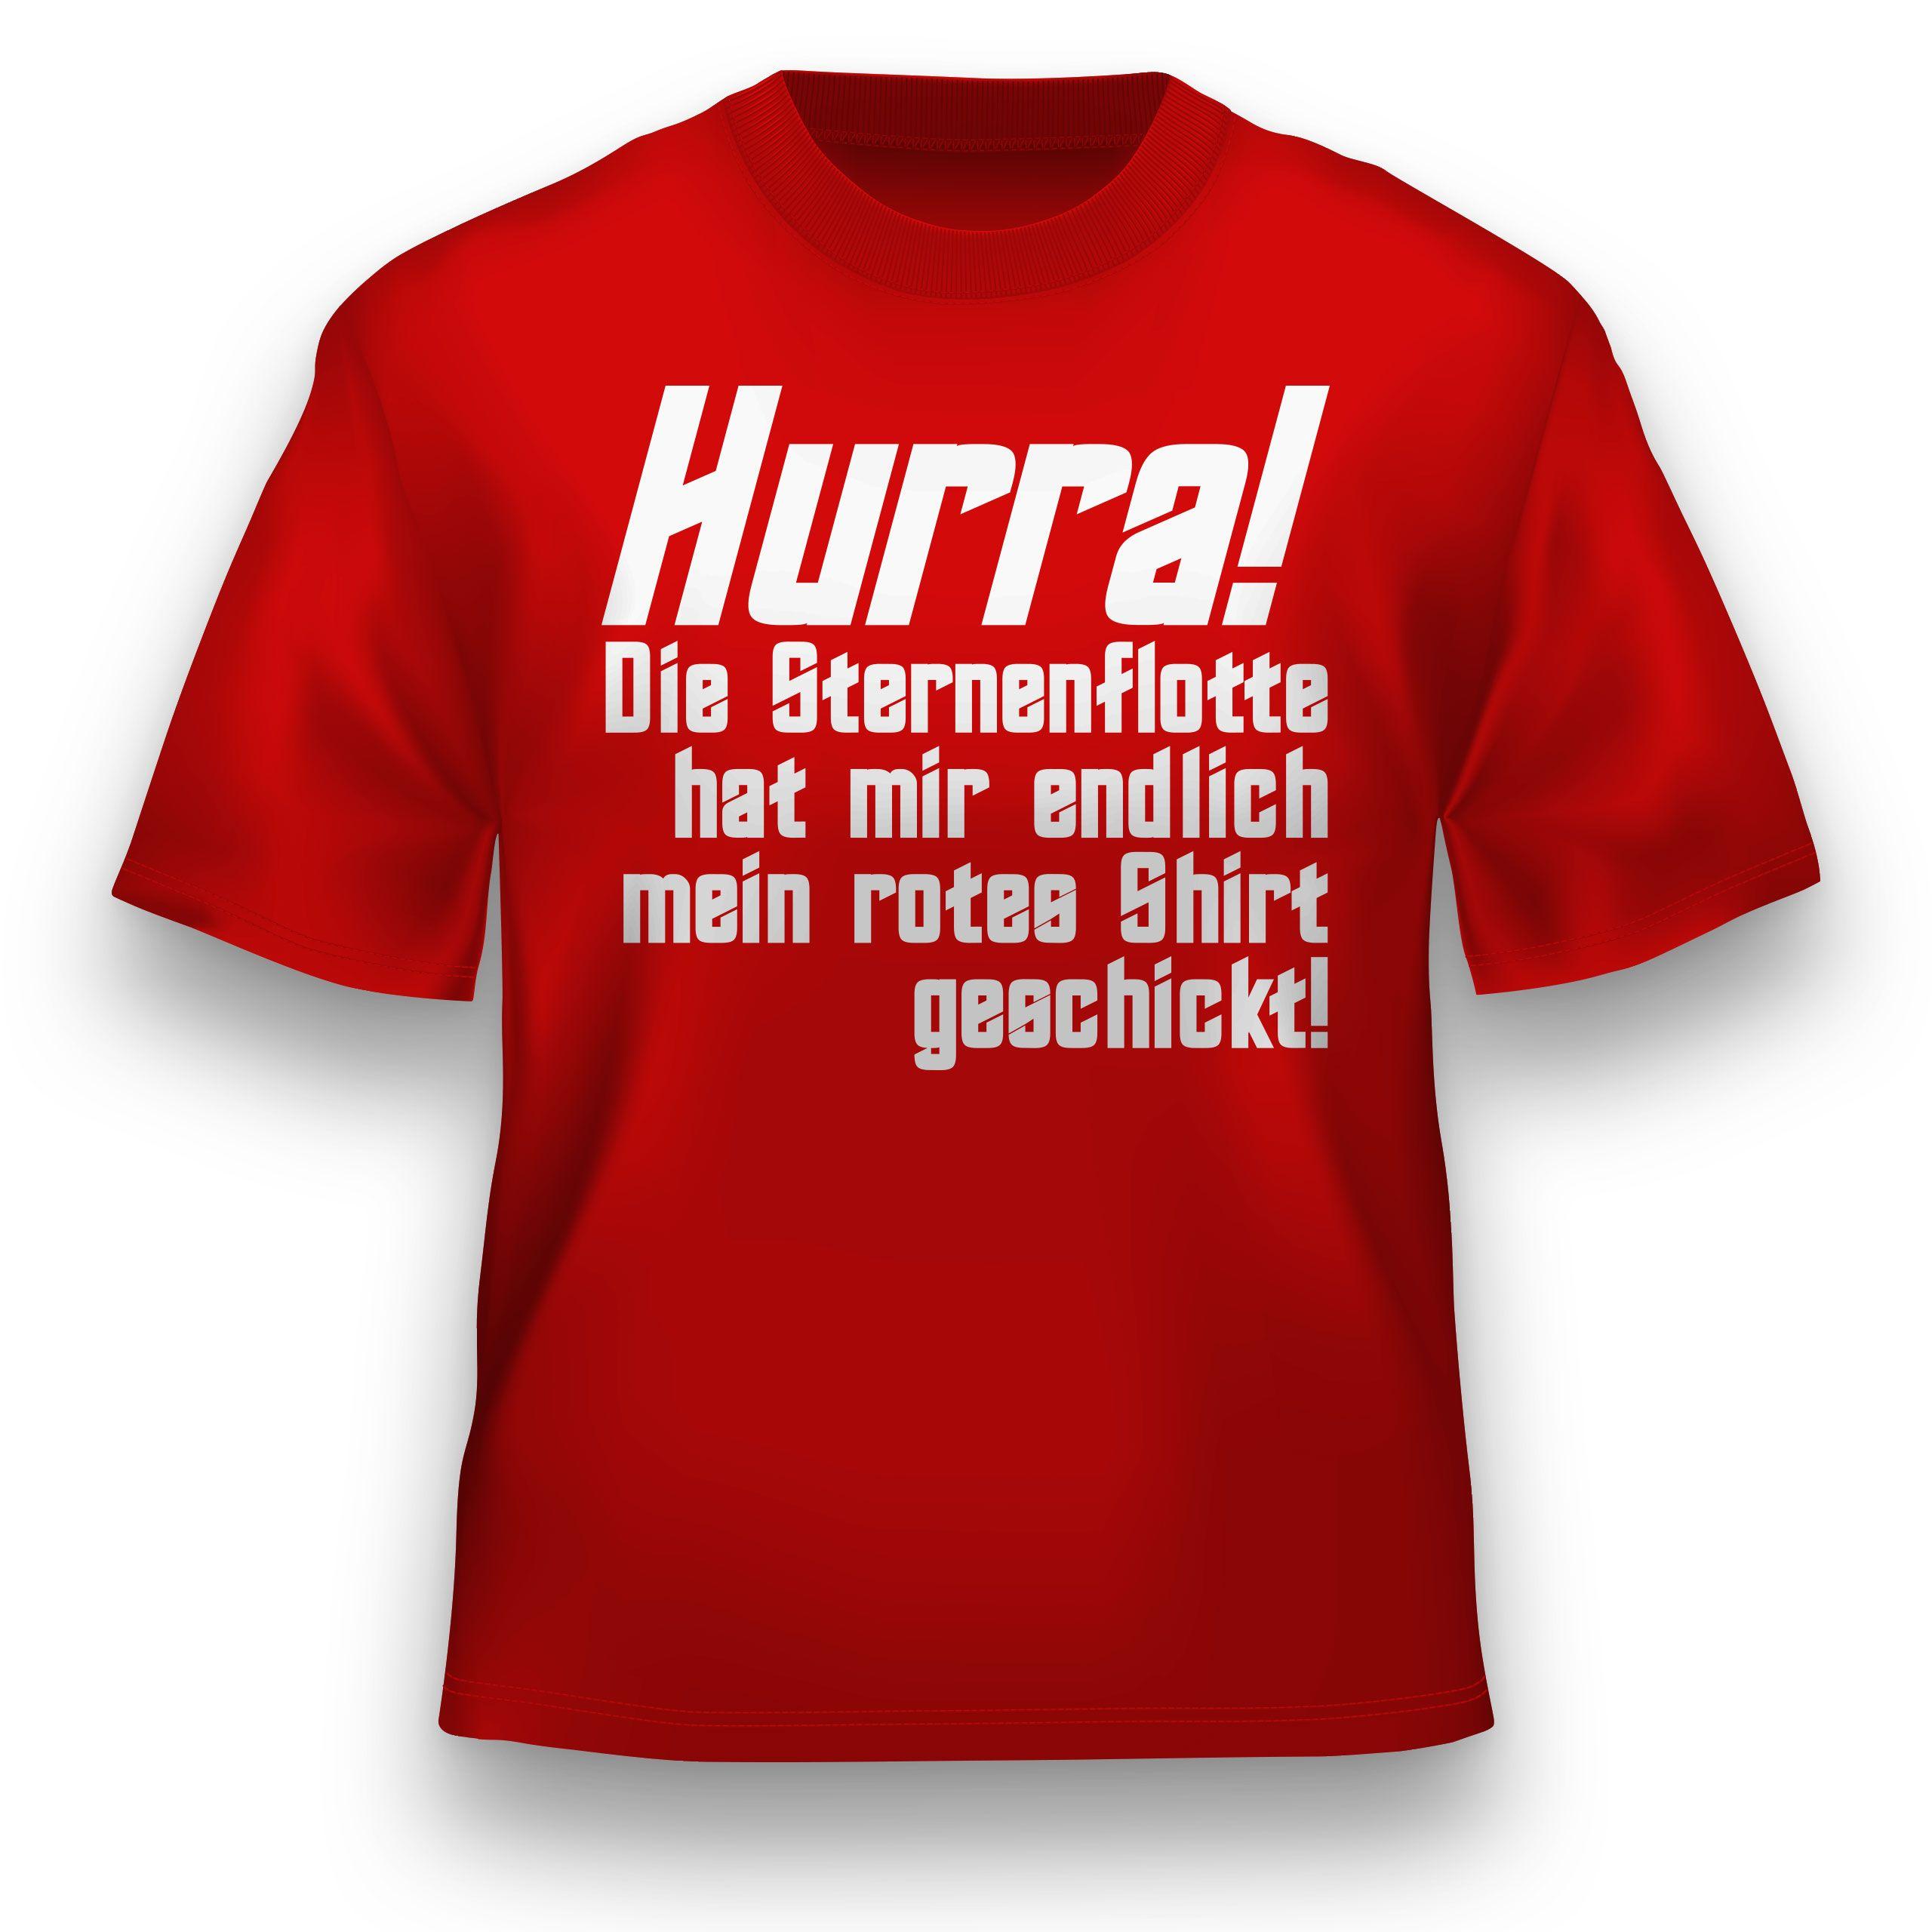 Full Size of Coole T Shirt Sprüche Für Männer Coole T Shirts Sprüche Damen Coole Sprüche Für T Shirt Druck Coole Sprüche Auf T Shirt Küche Coole T Shirt Sprüche